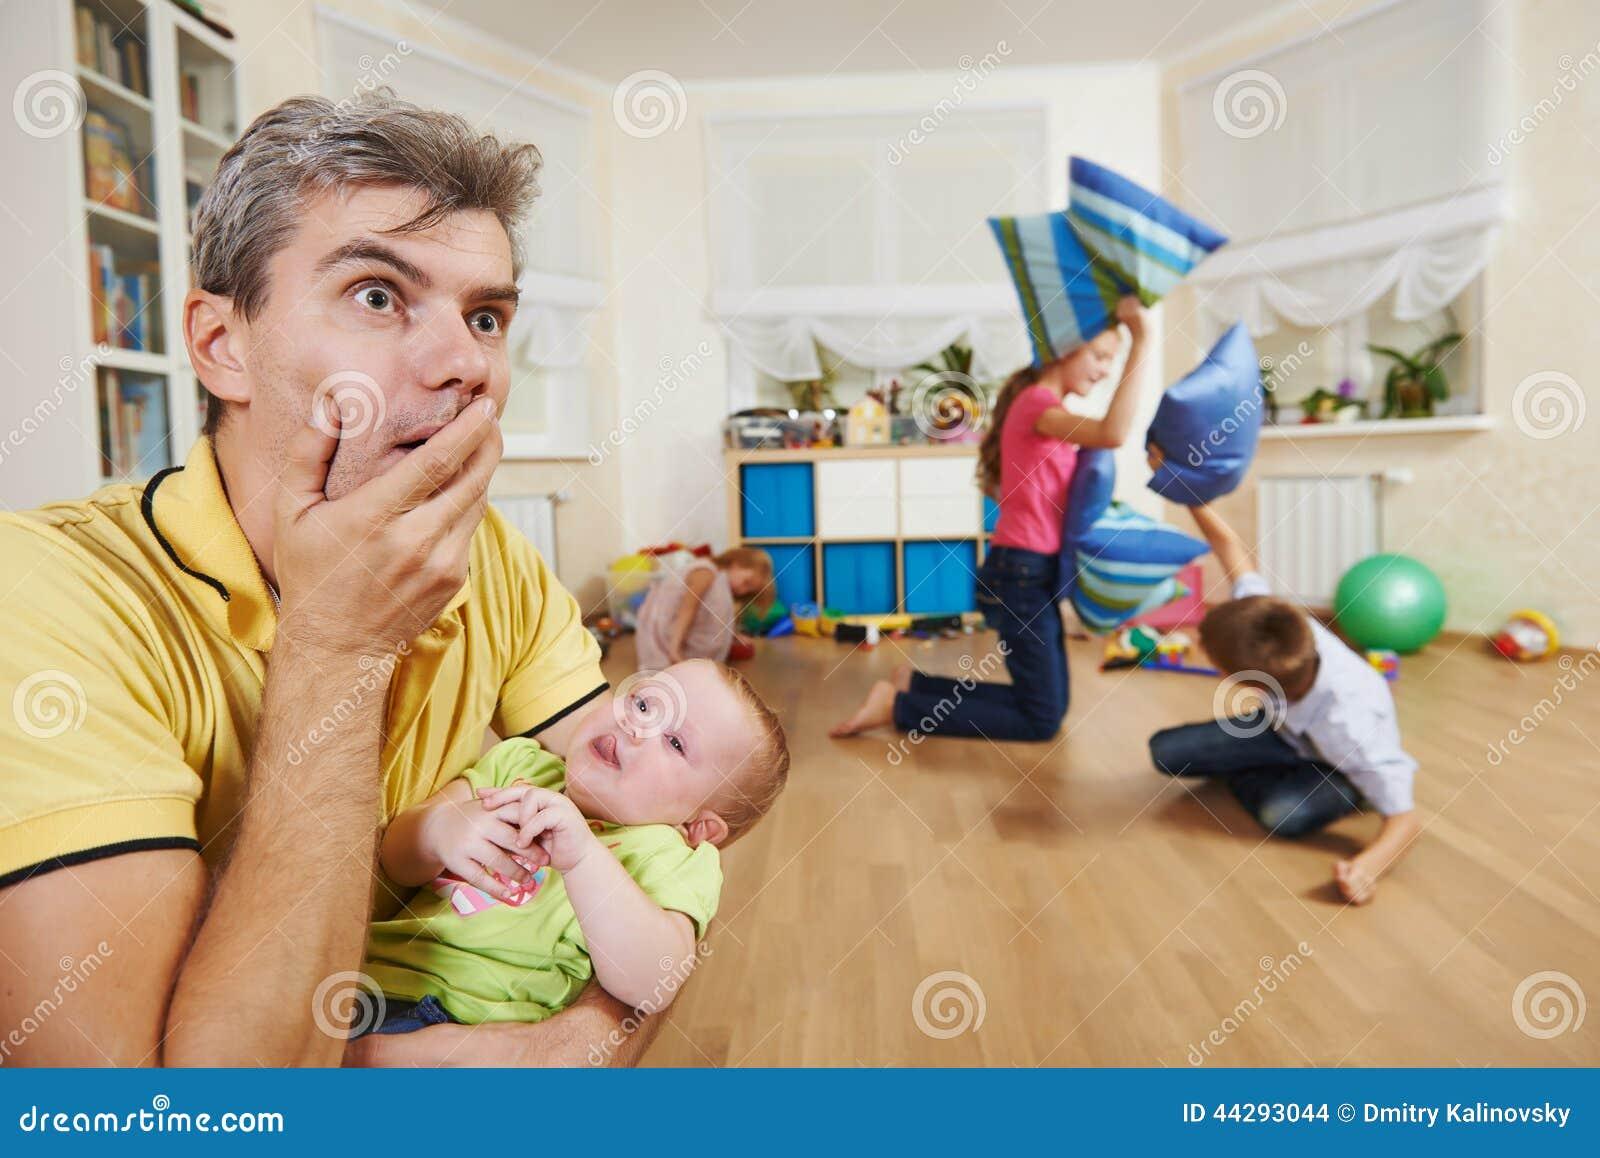 Zamieszanie w dzieci hodować